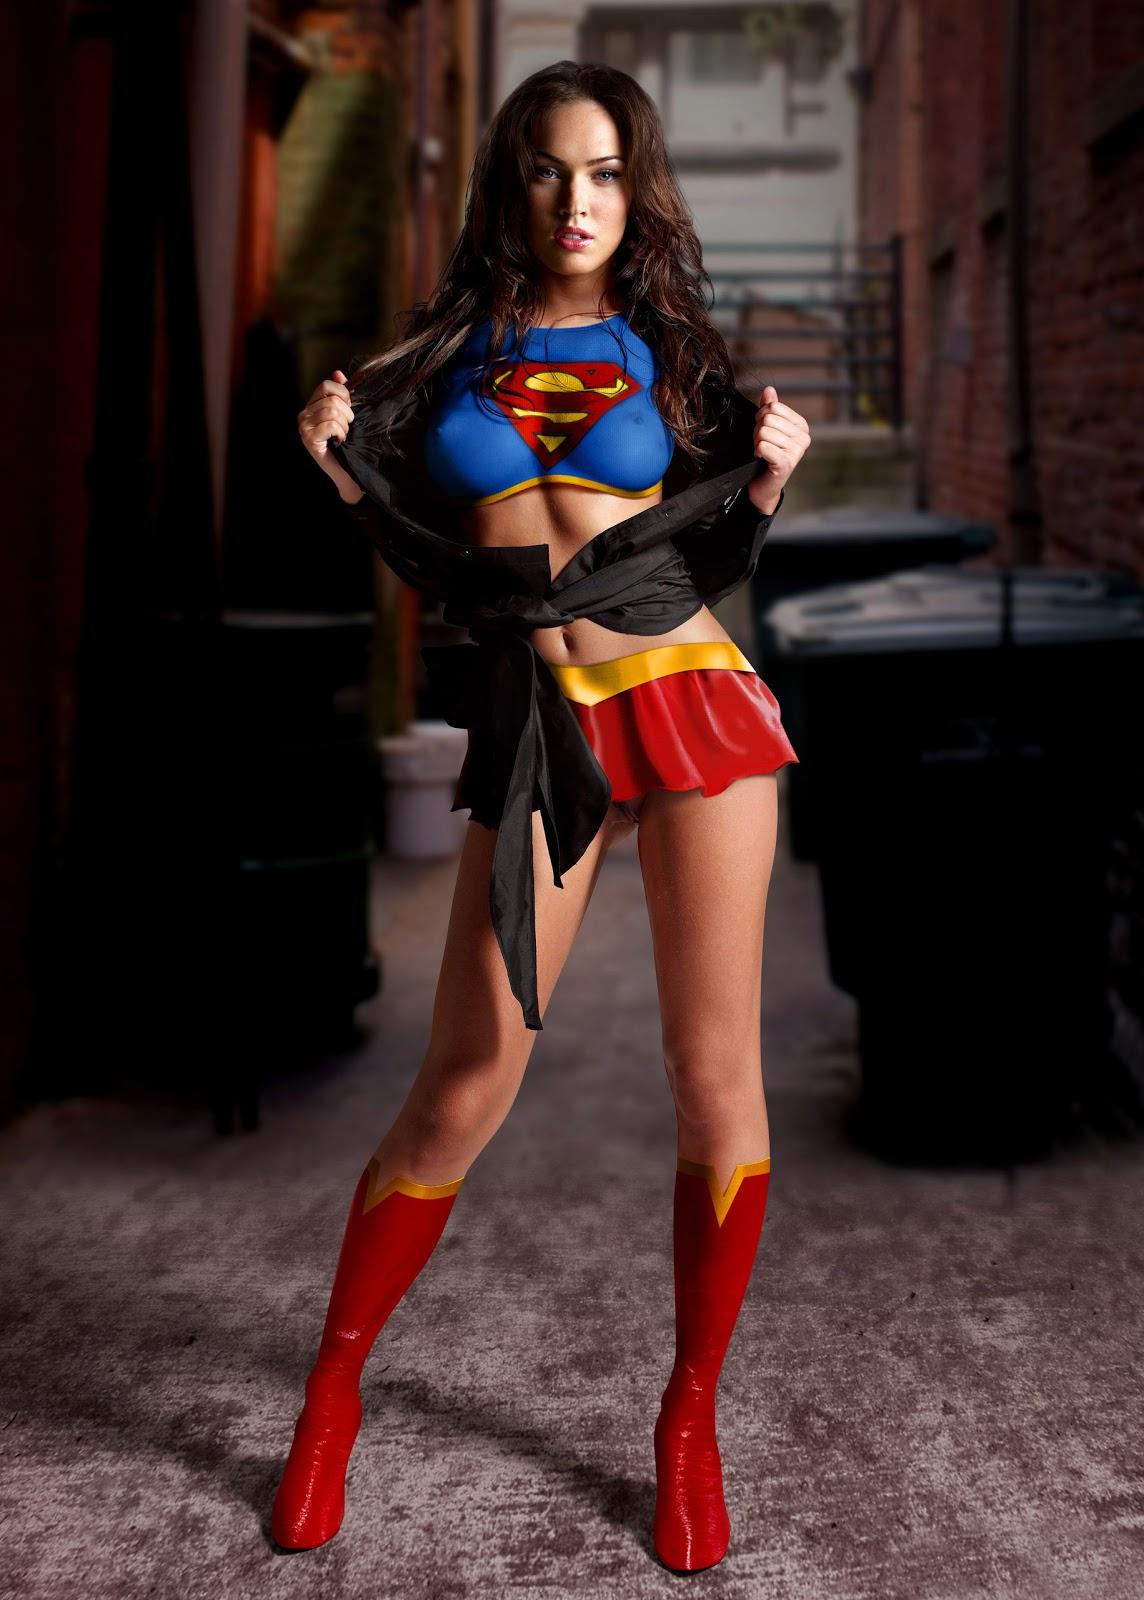 http://3.bp.blogspot.com/-BPcEiwInkVE/TdEkQpLo4qI/AAAAAAAAHUI/IGsTxl-80w0/s1600/Megan-Fox-Super-Girl.jpg